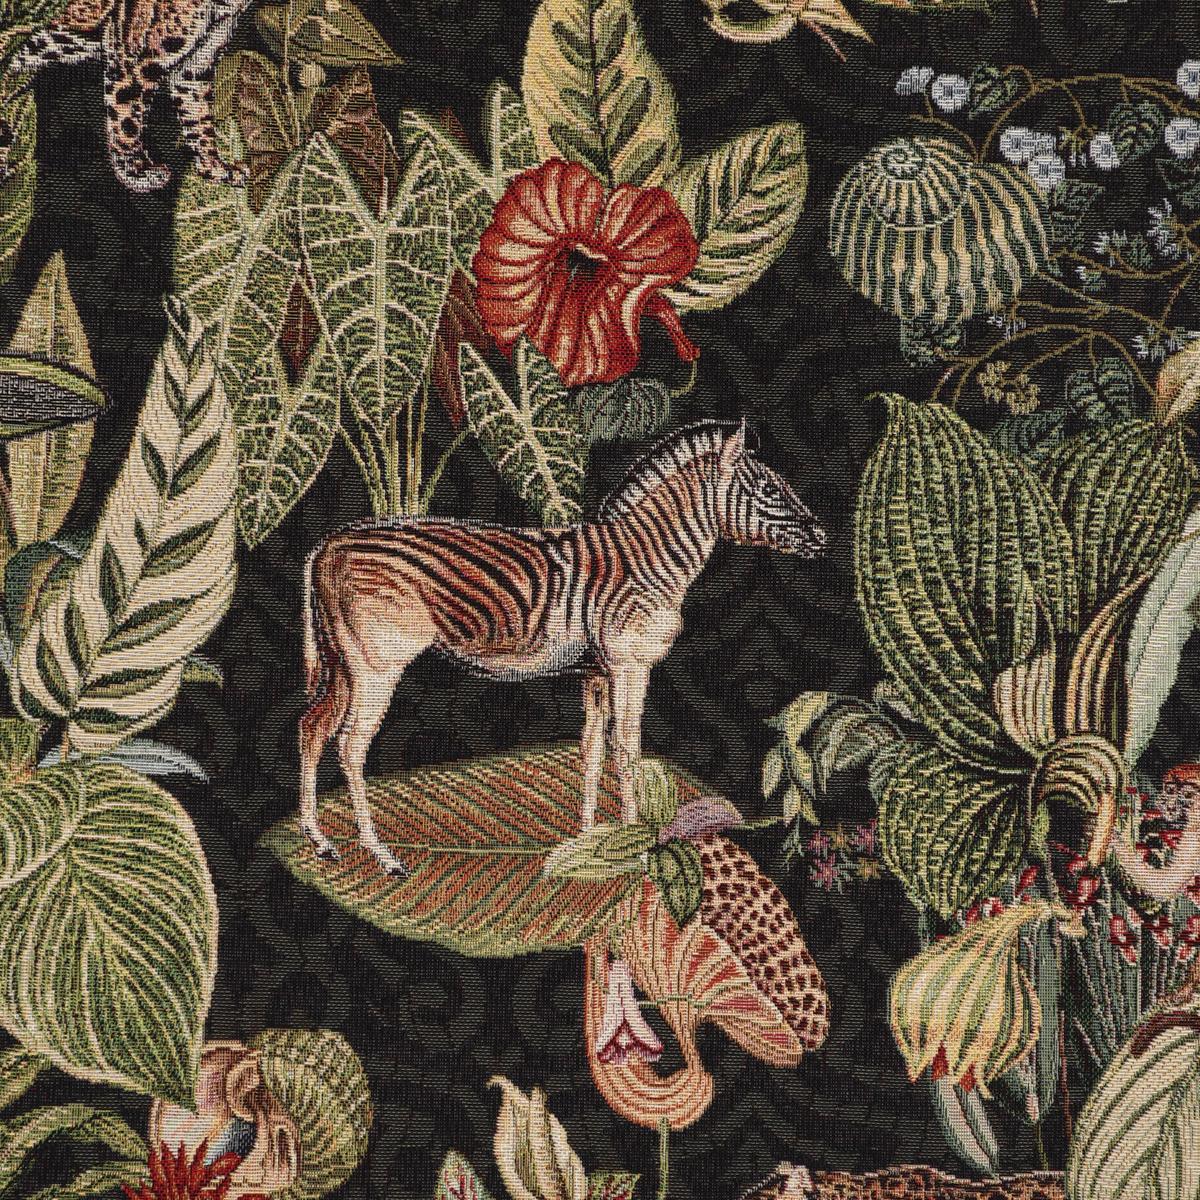 Dekostoff Gobelin Premium Empire Jungle Dschungel schwarz grün rot 1,4m Breite